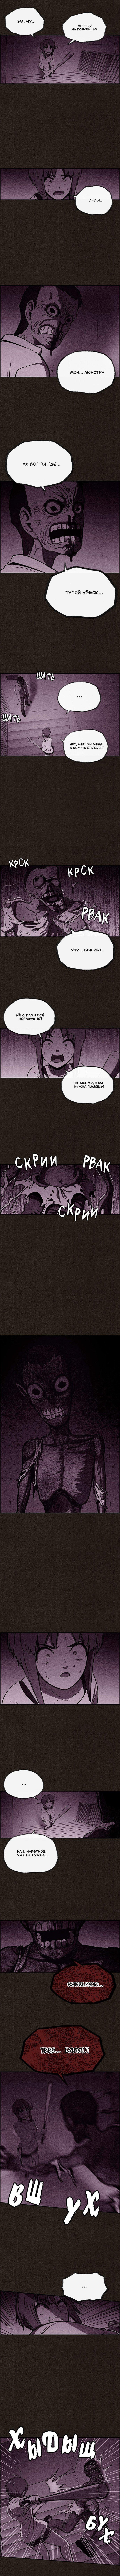 Манга Милый дом / Sweet Home (HWANG Youngchan) - Том 1 Глава 23 Страница 4